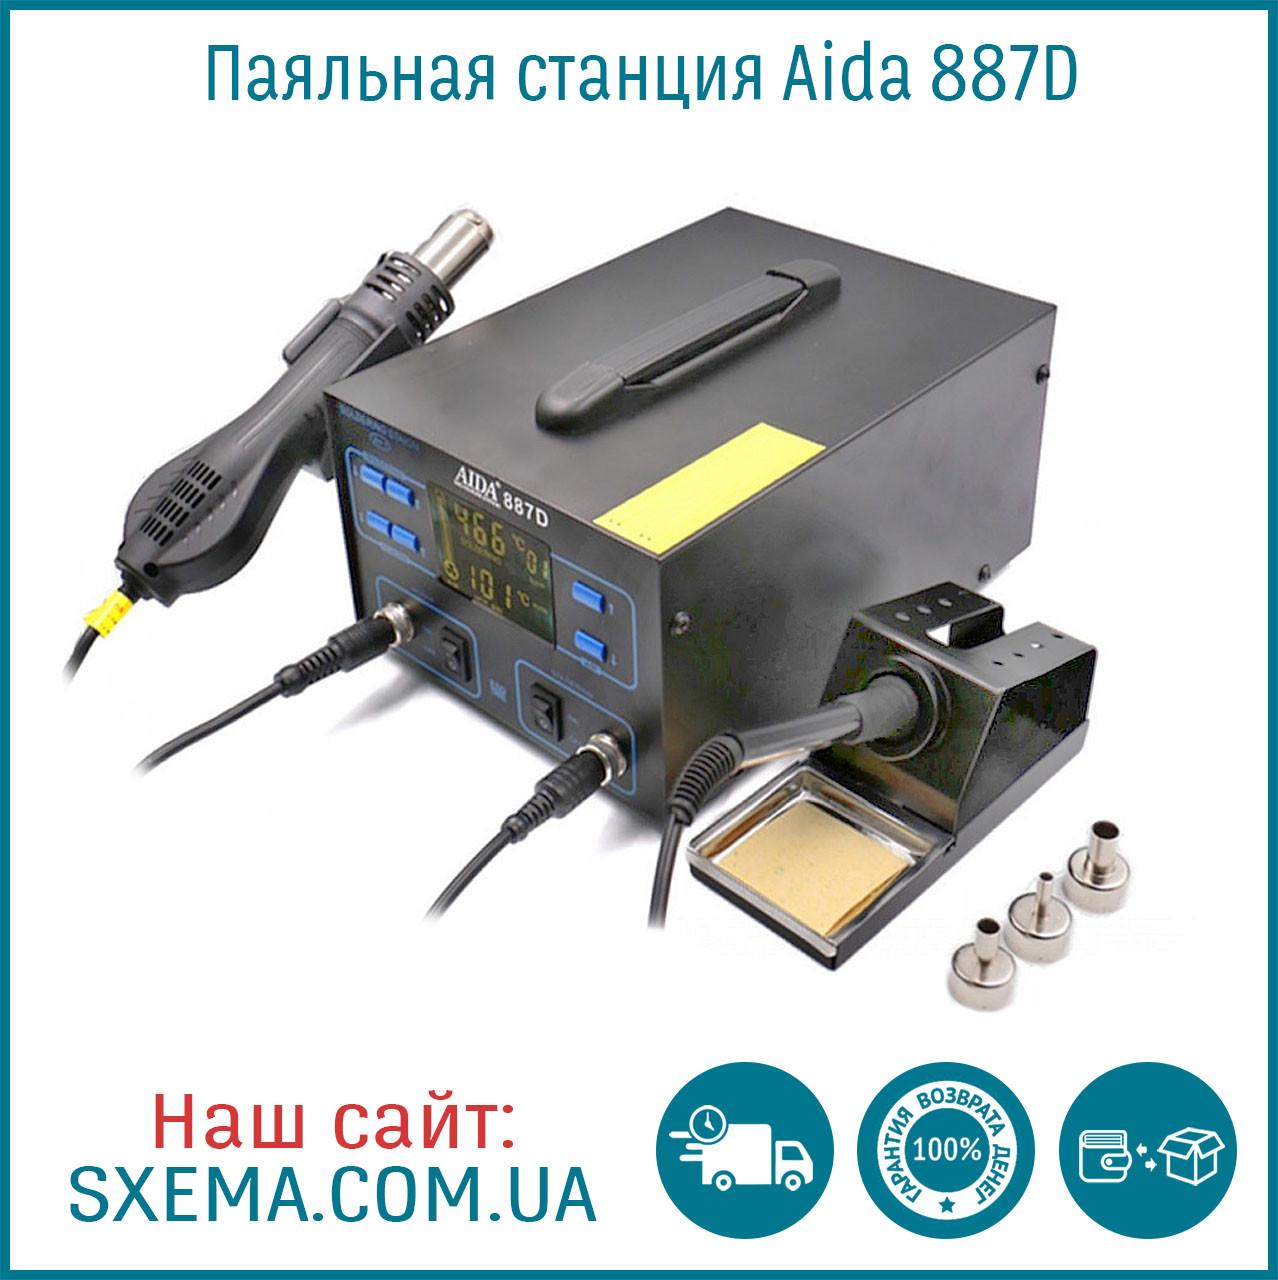 Паяльная станция AIDA 887D турбинная, фен + паяльник, съёмный фен